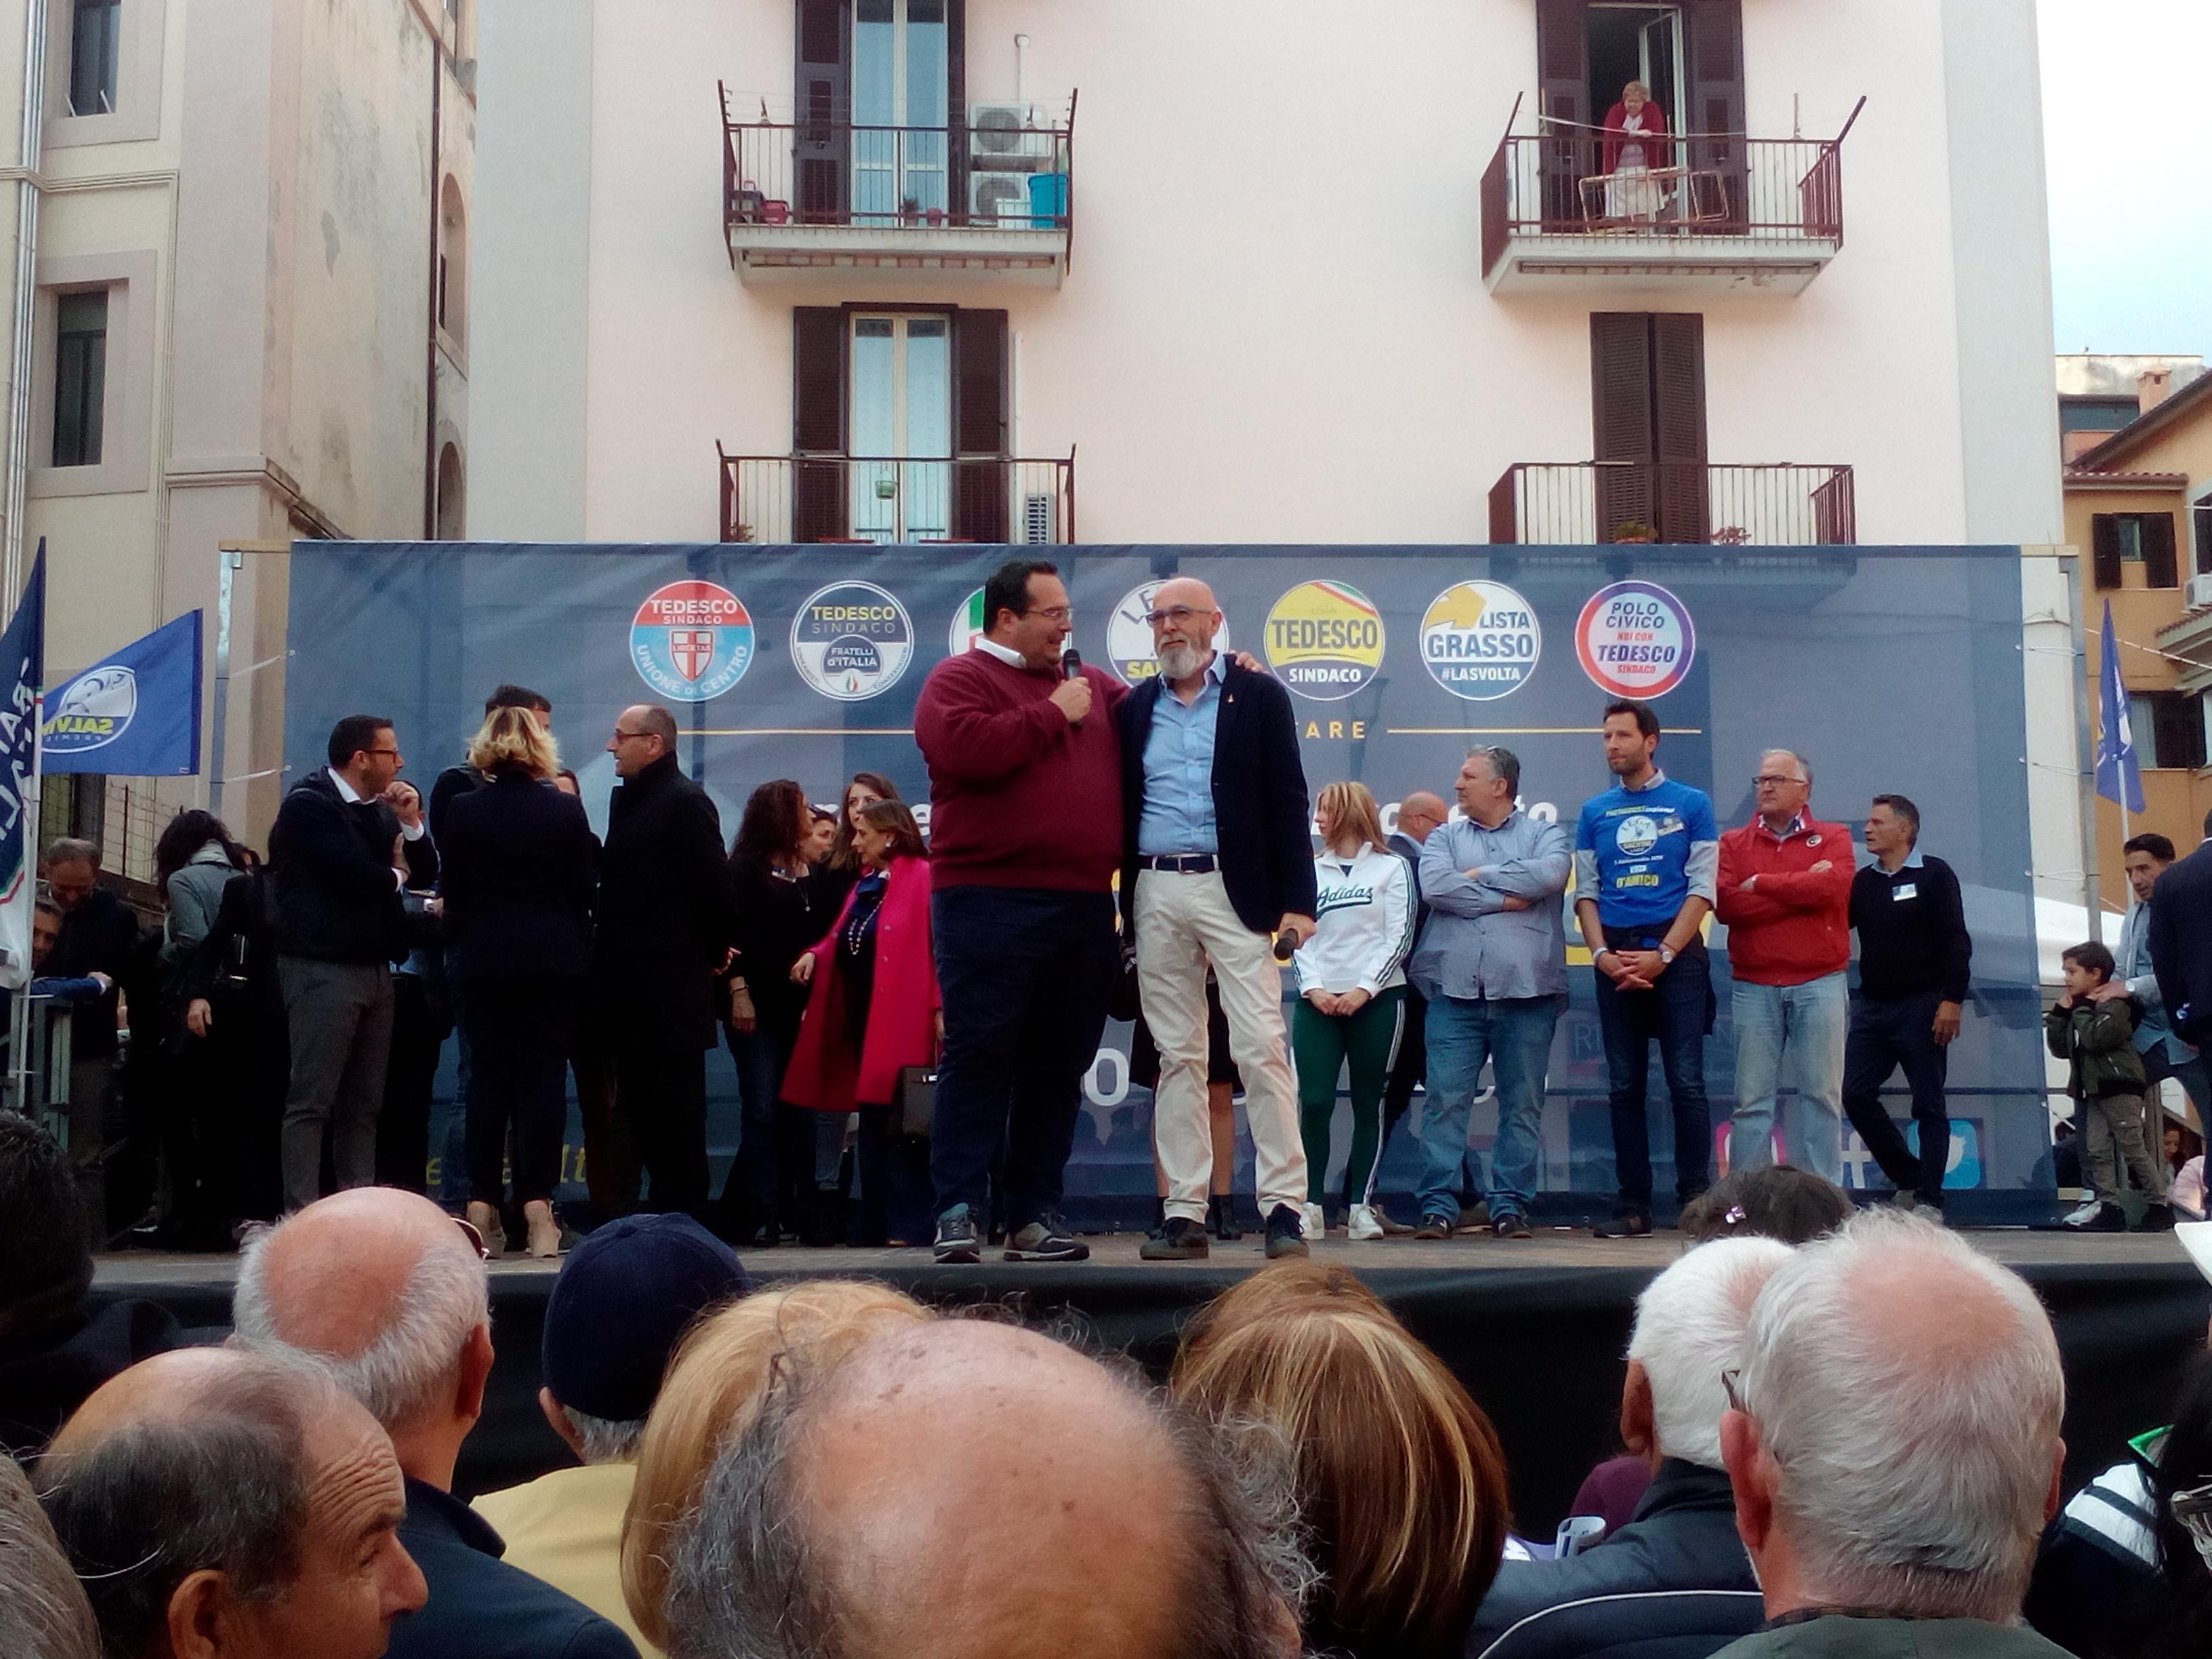 Civitavecchia, Tedesco chiede chiarezza sul futuro del Polo Energetico massimo sostegno a imprese e lavoratori